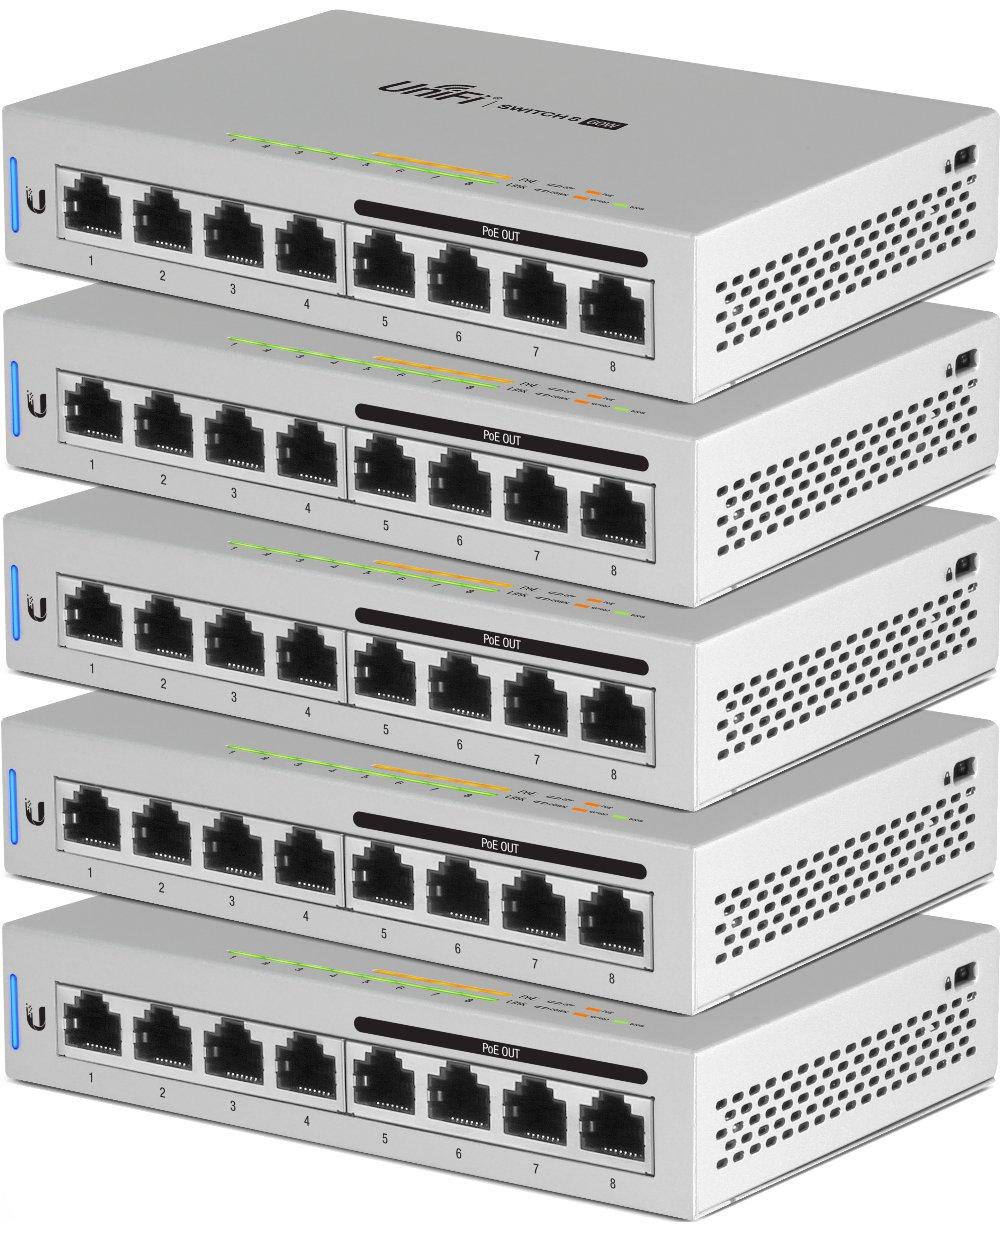 Ubiquiti US860W5 Switch Angle